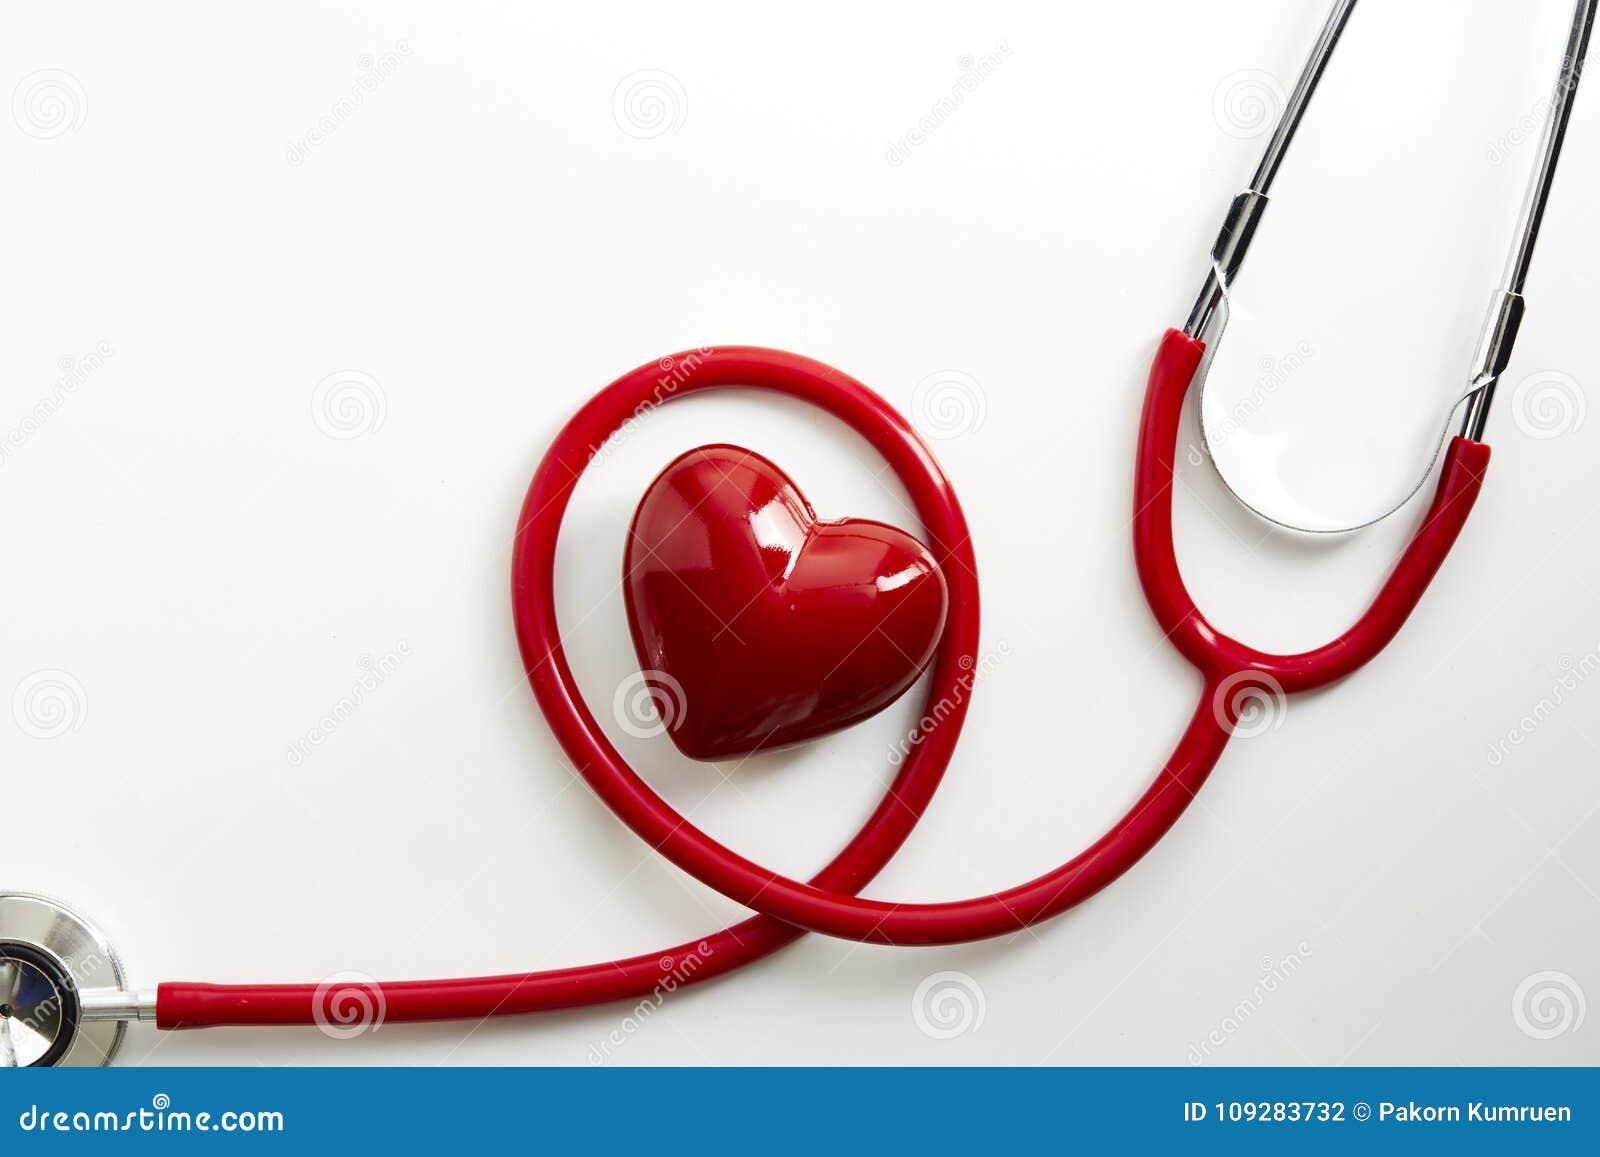 Stetoscopio rosso con cuore rosso